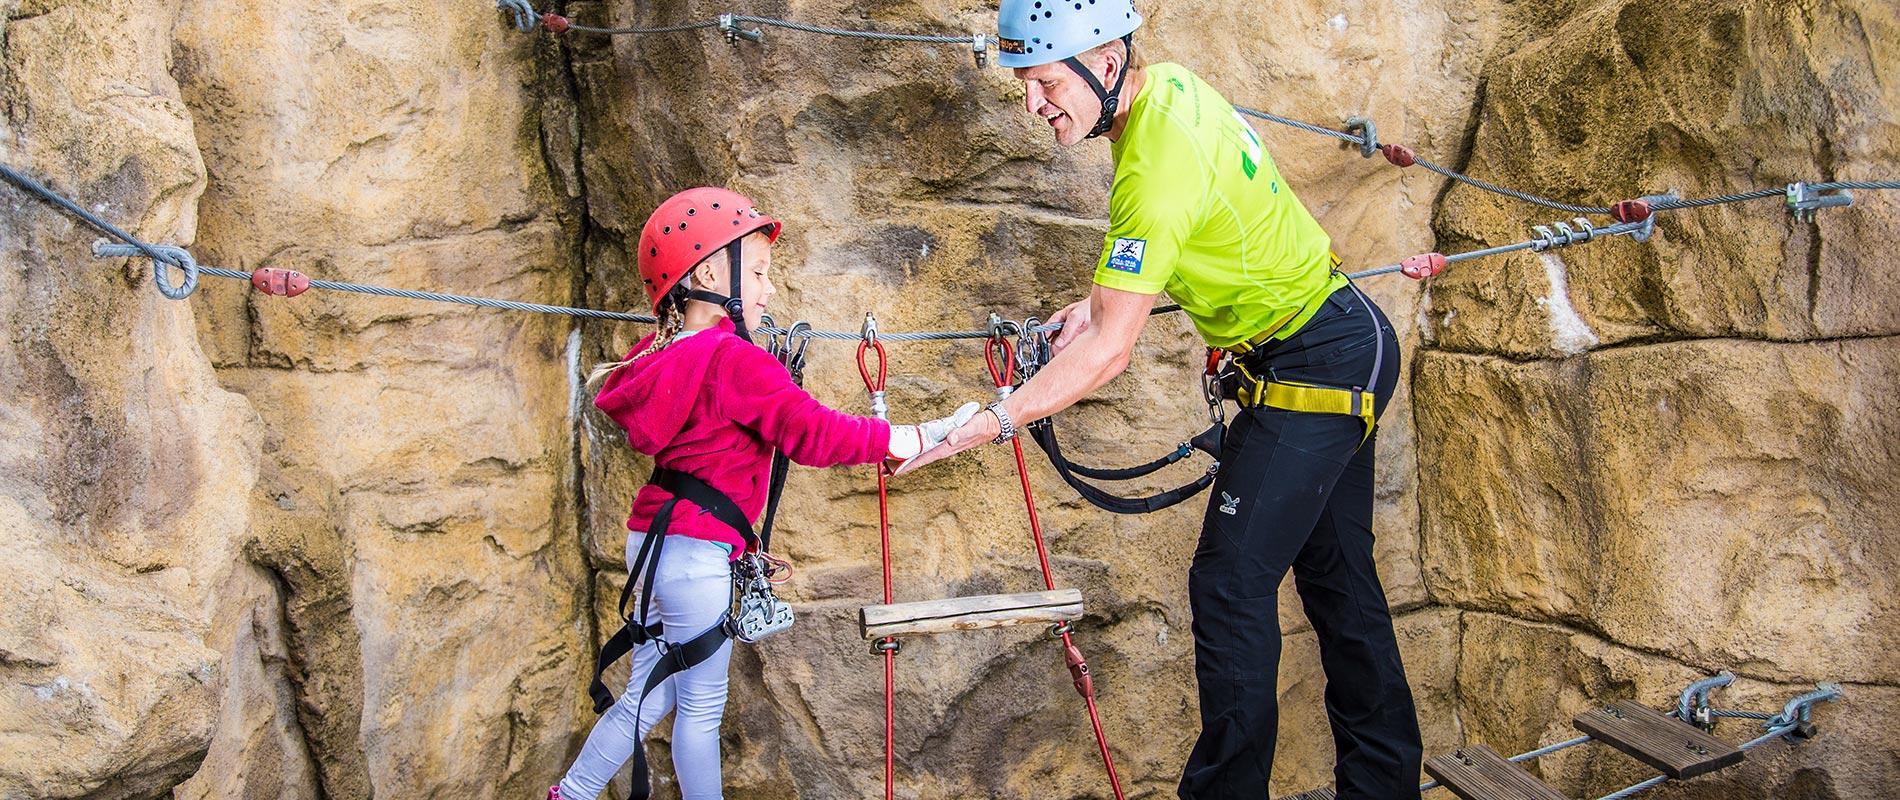 X-Move Boulderfelsen und Kletteranlagen, Sportkletteranlagen und Spielplatzbau